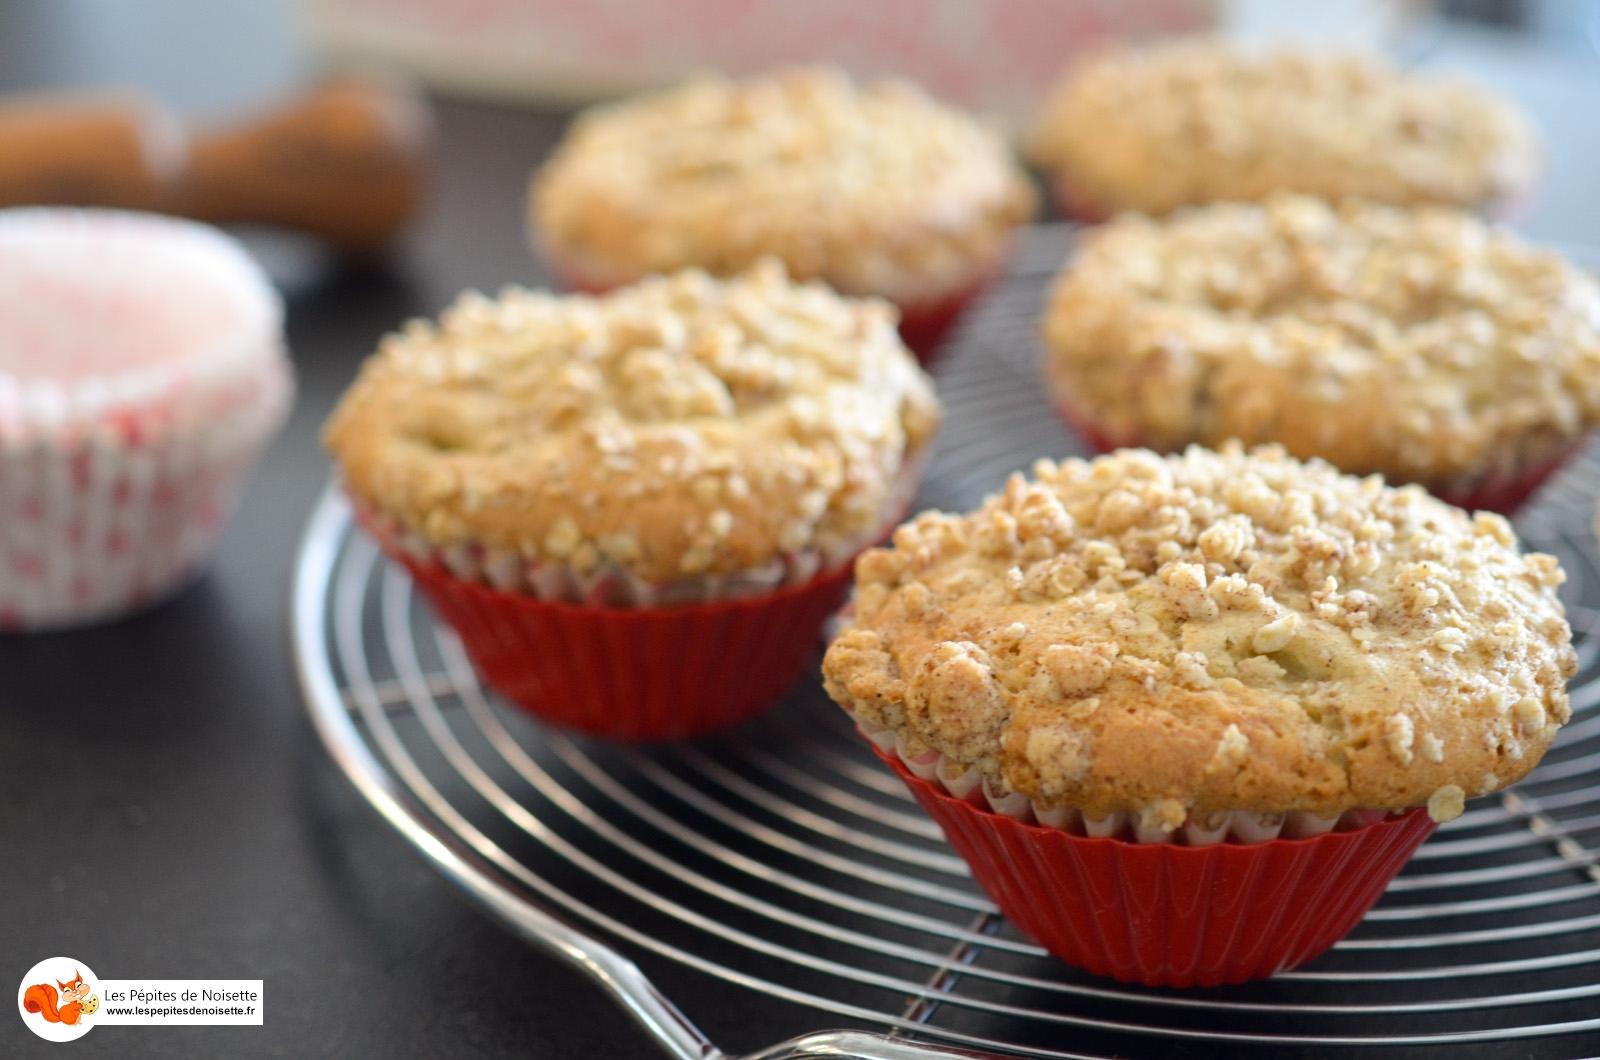 Muffin Rhubarbe Crumble Avoine (5 Sur 6)